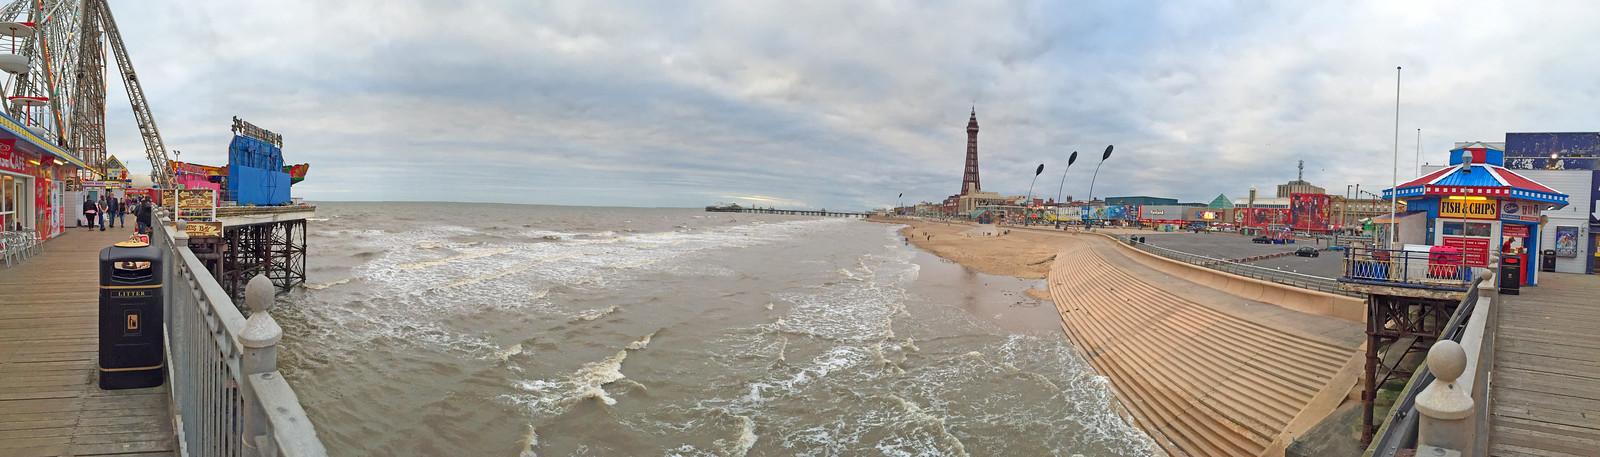 Qué hacer en Blackpool - England - Holidays - thewotme